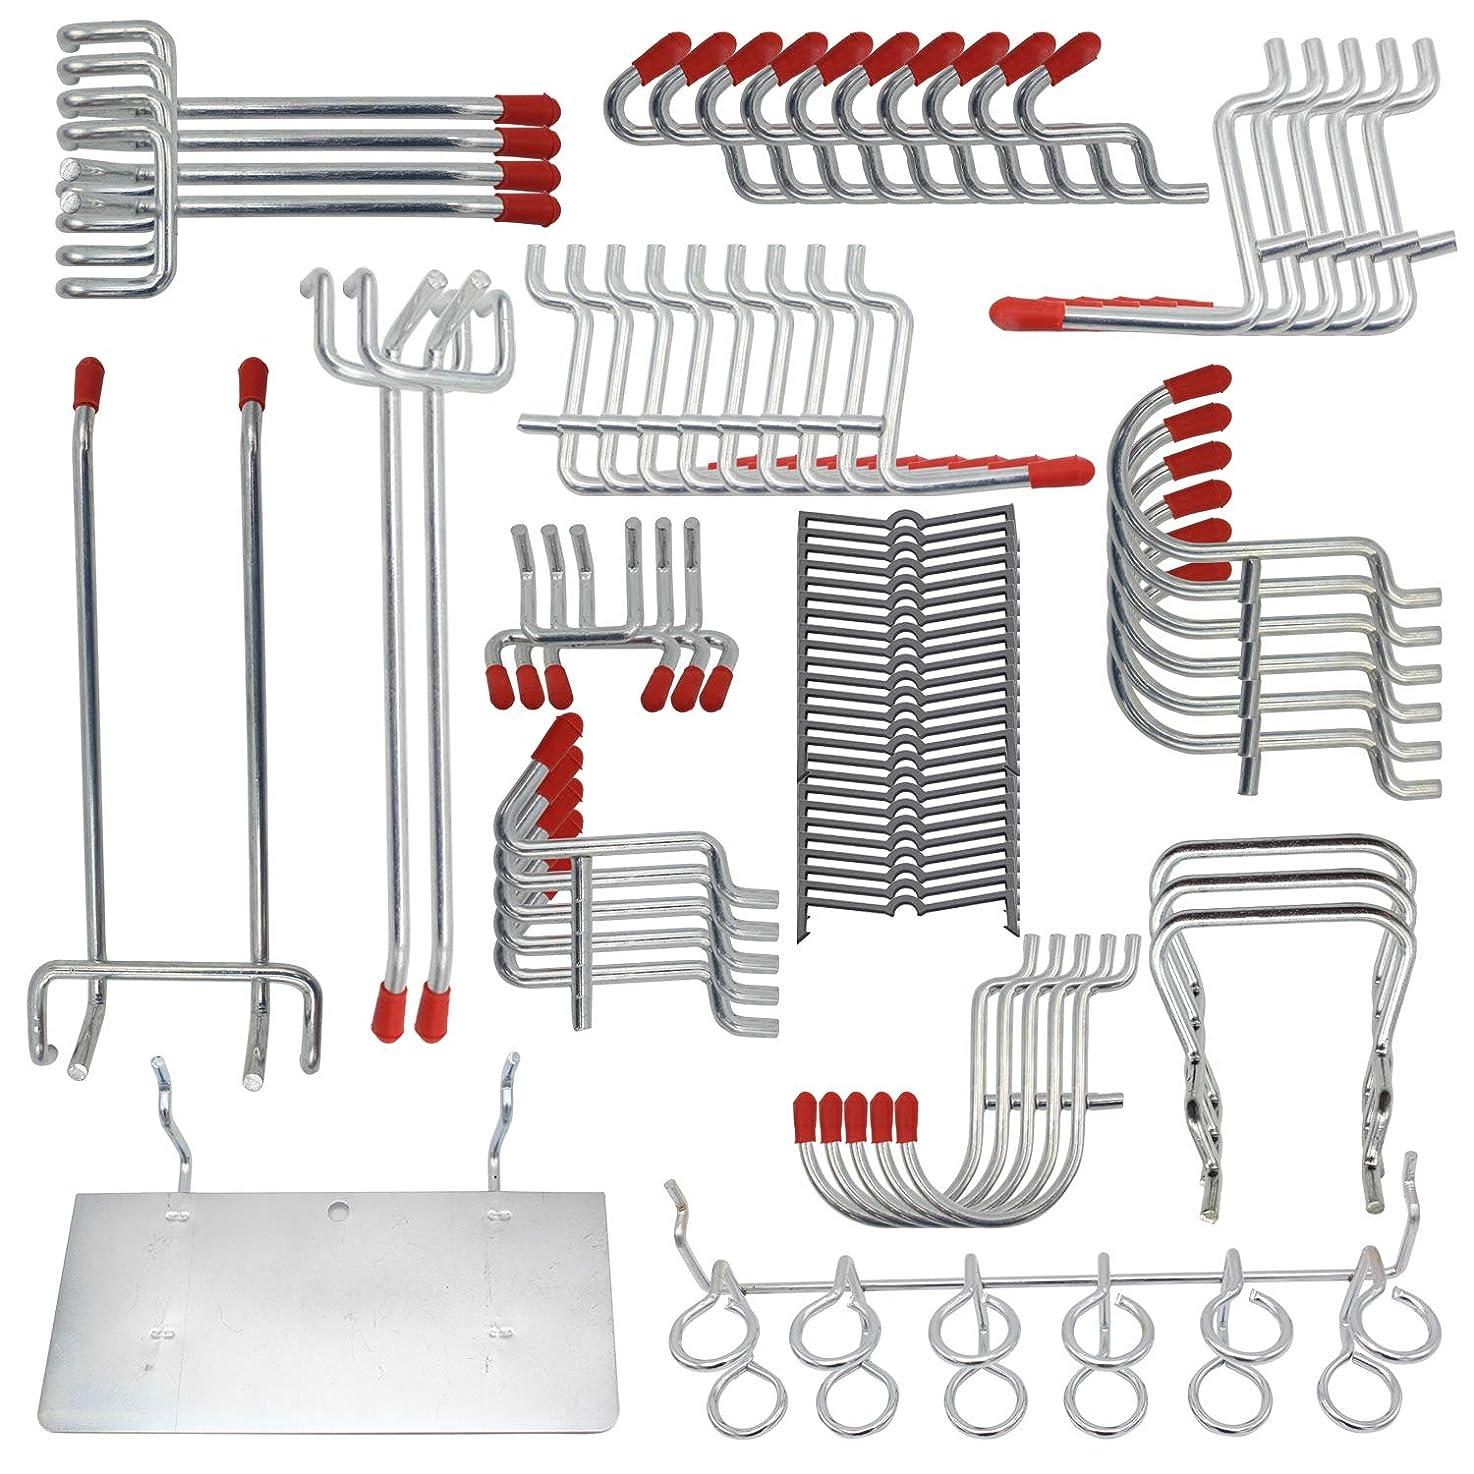 170 PCS Metal Pegboard Hooks Assortment Peg Board Storage System Peg Board Accessories Set For Garage Kitchen Workshop Utility Hooks Include Black Peg Locks vwslfirmsjuld4